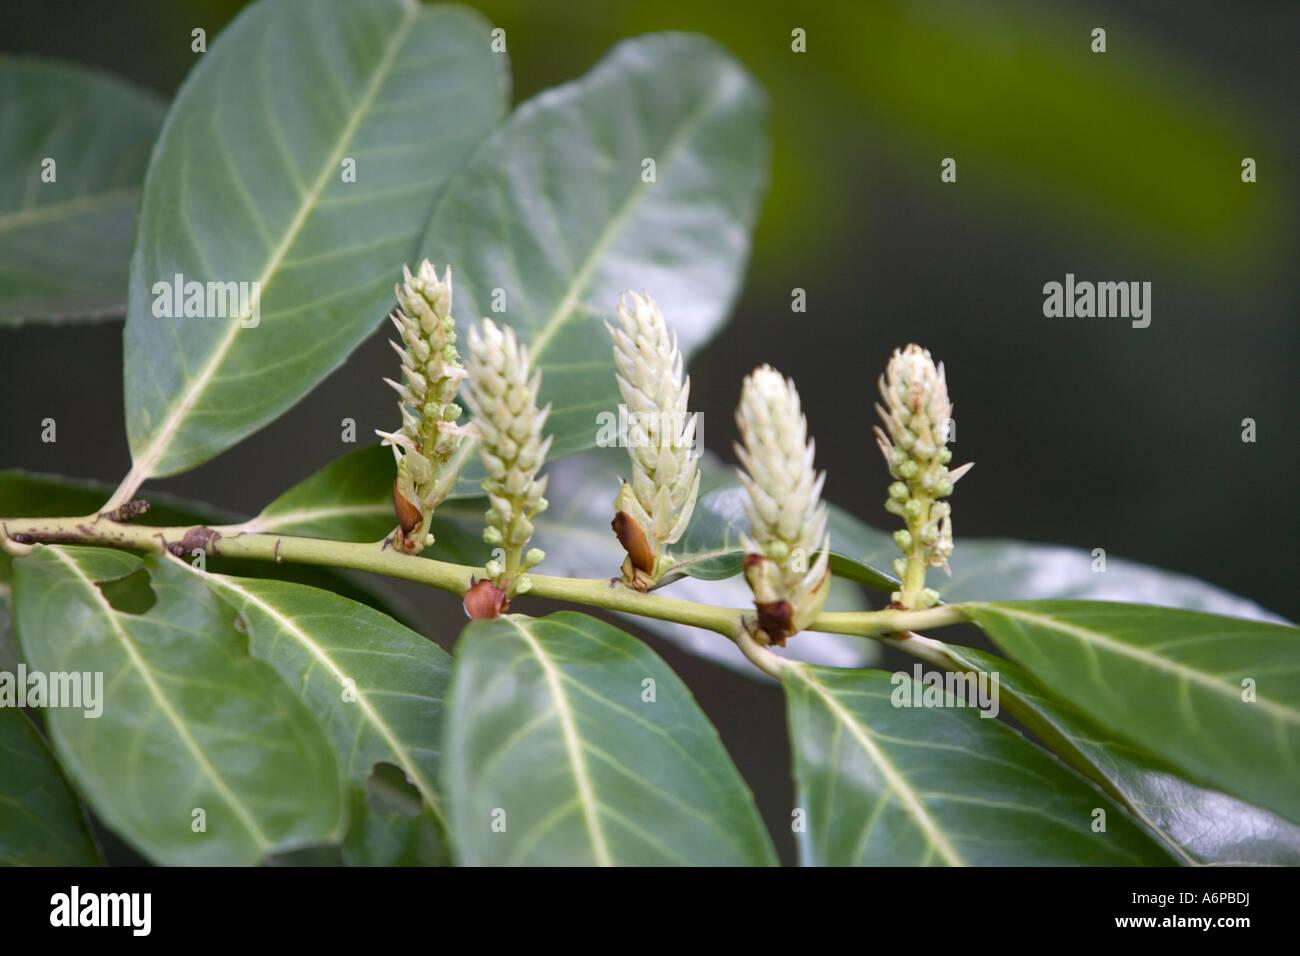 Laurel in flower (Prunus laurocerasus) Stock Photo